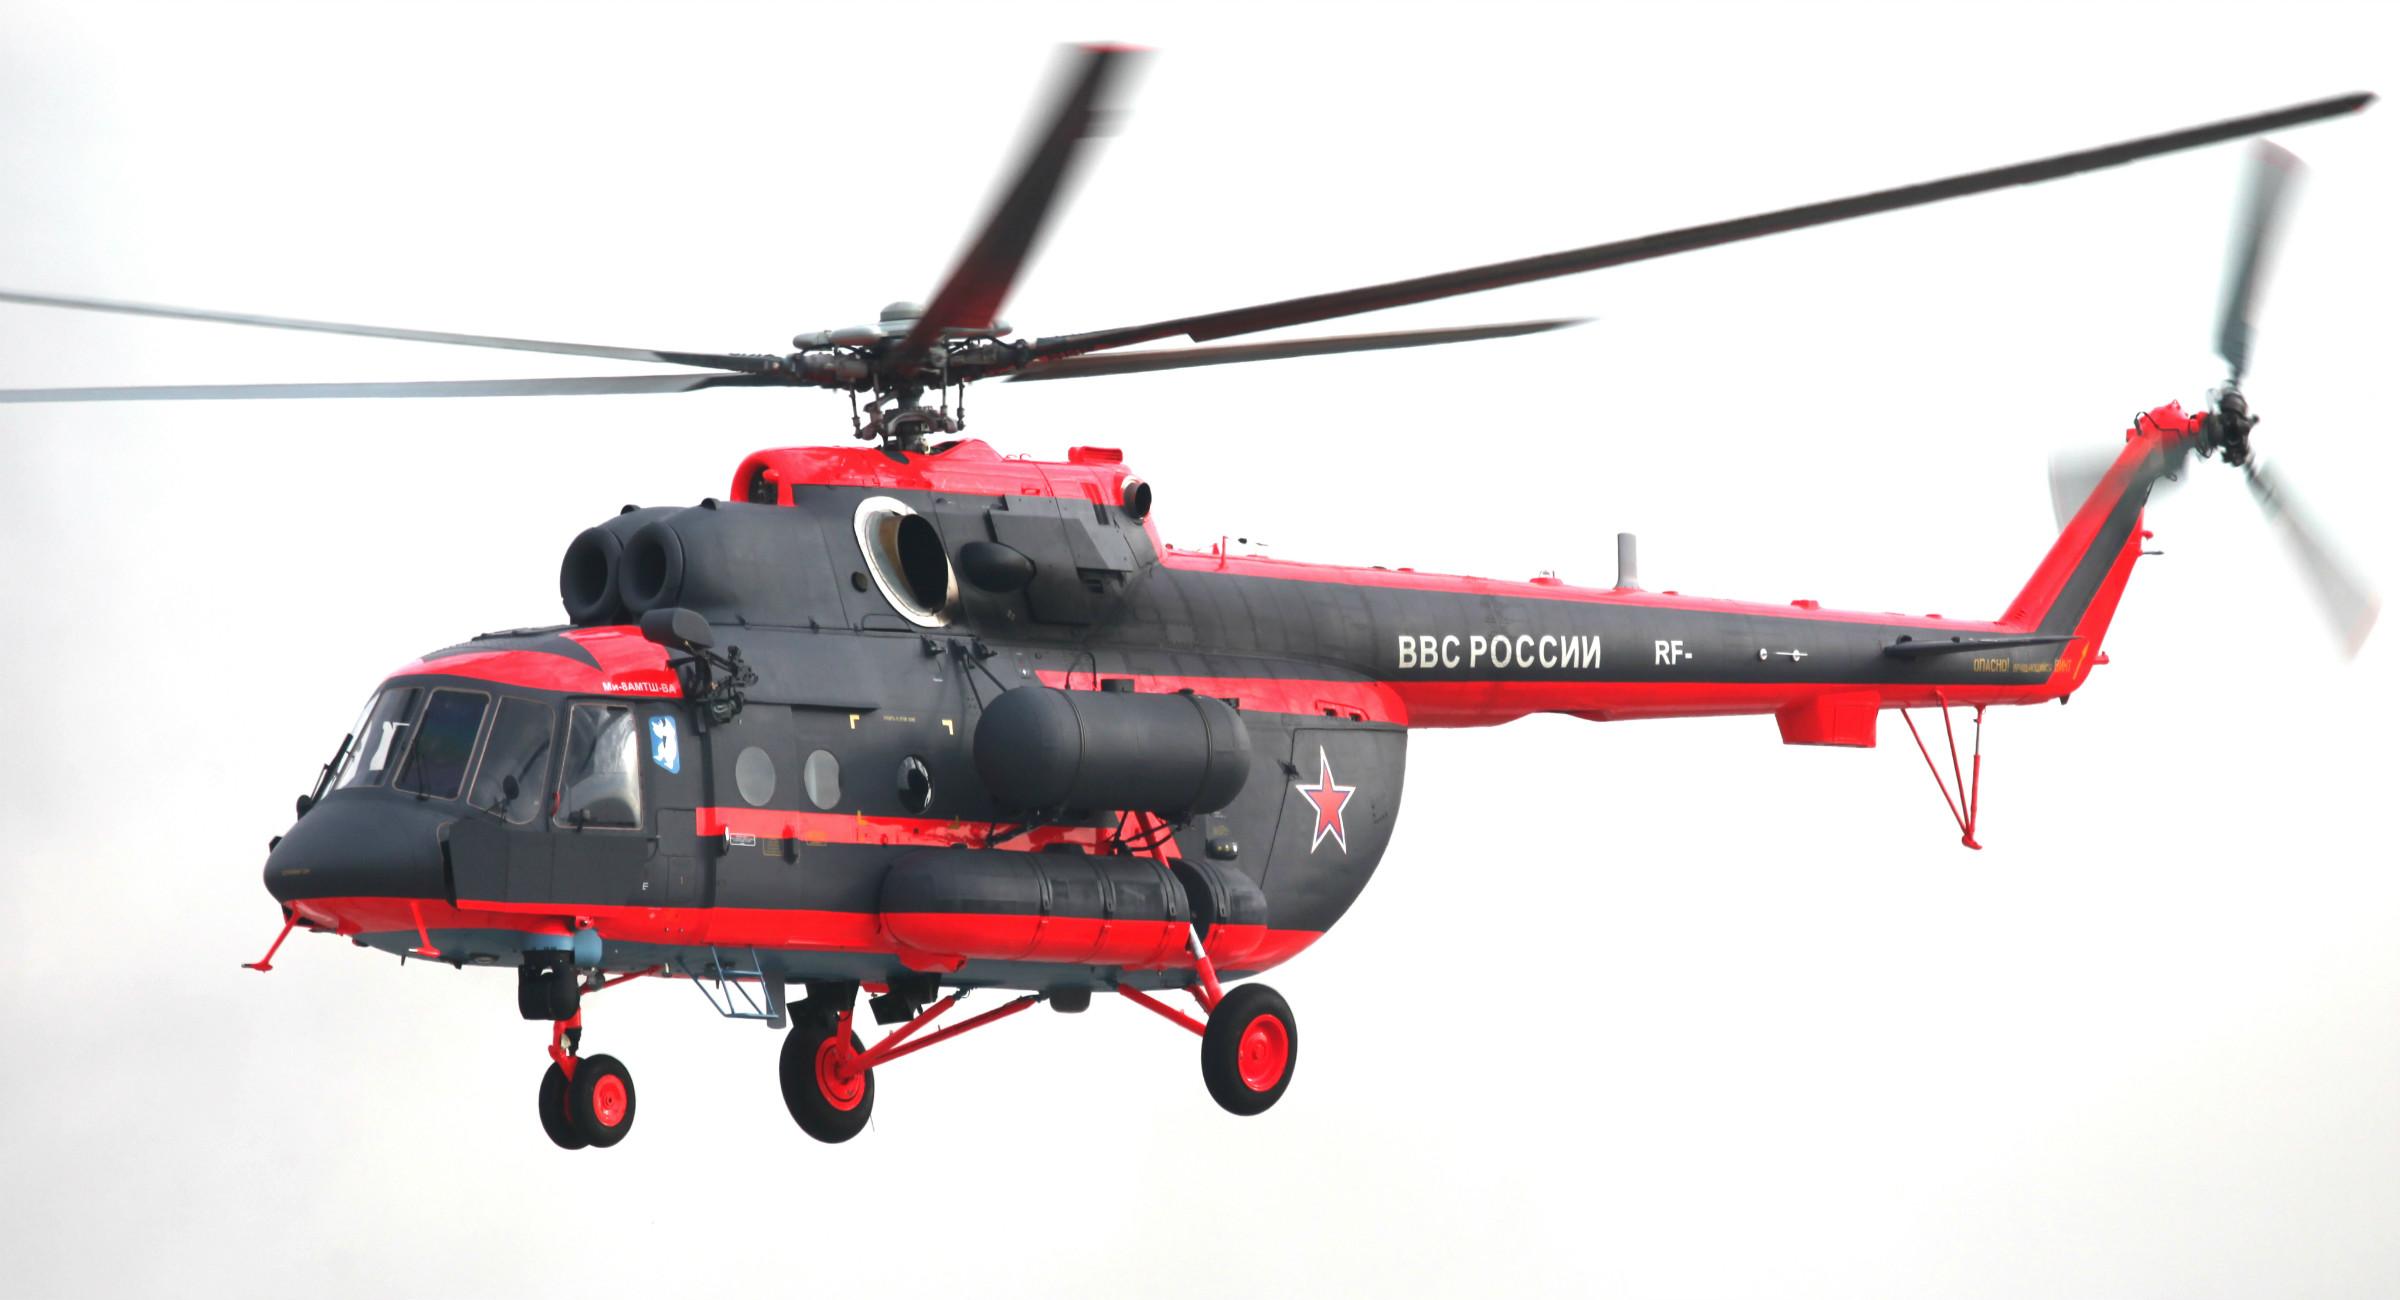 Imagem 1 Mi-8AMTSh-VA